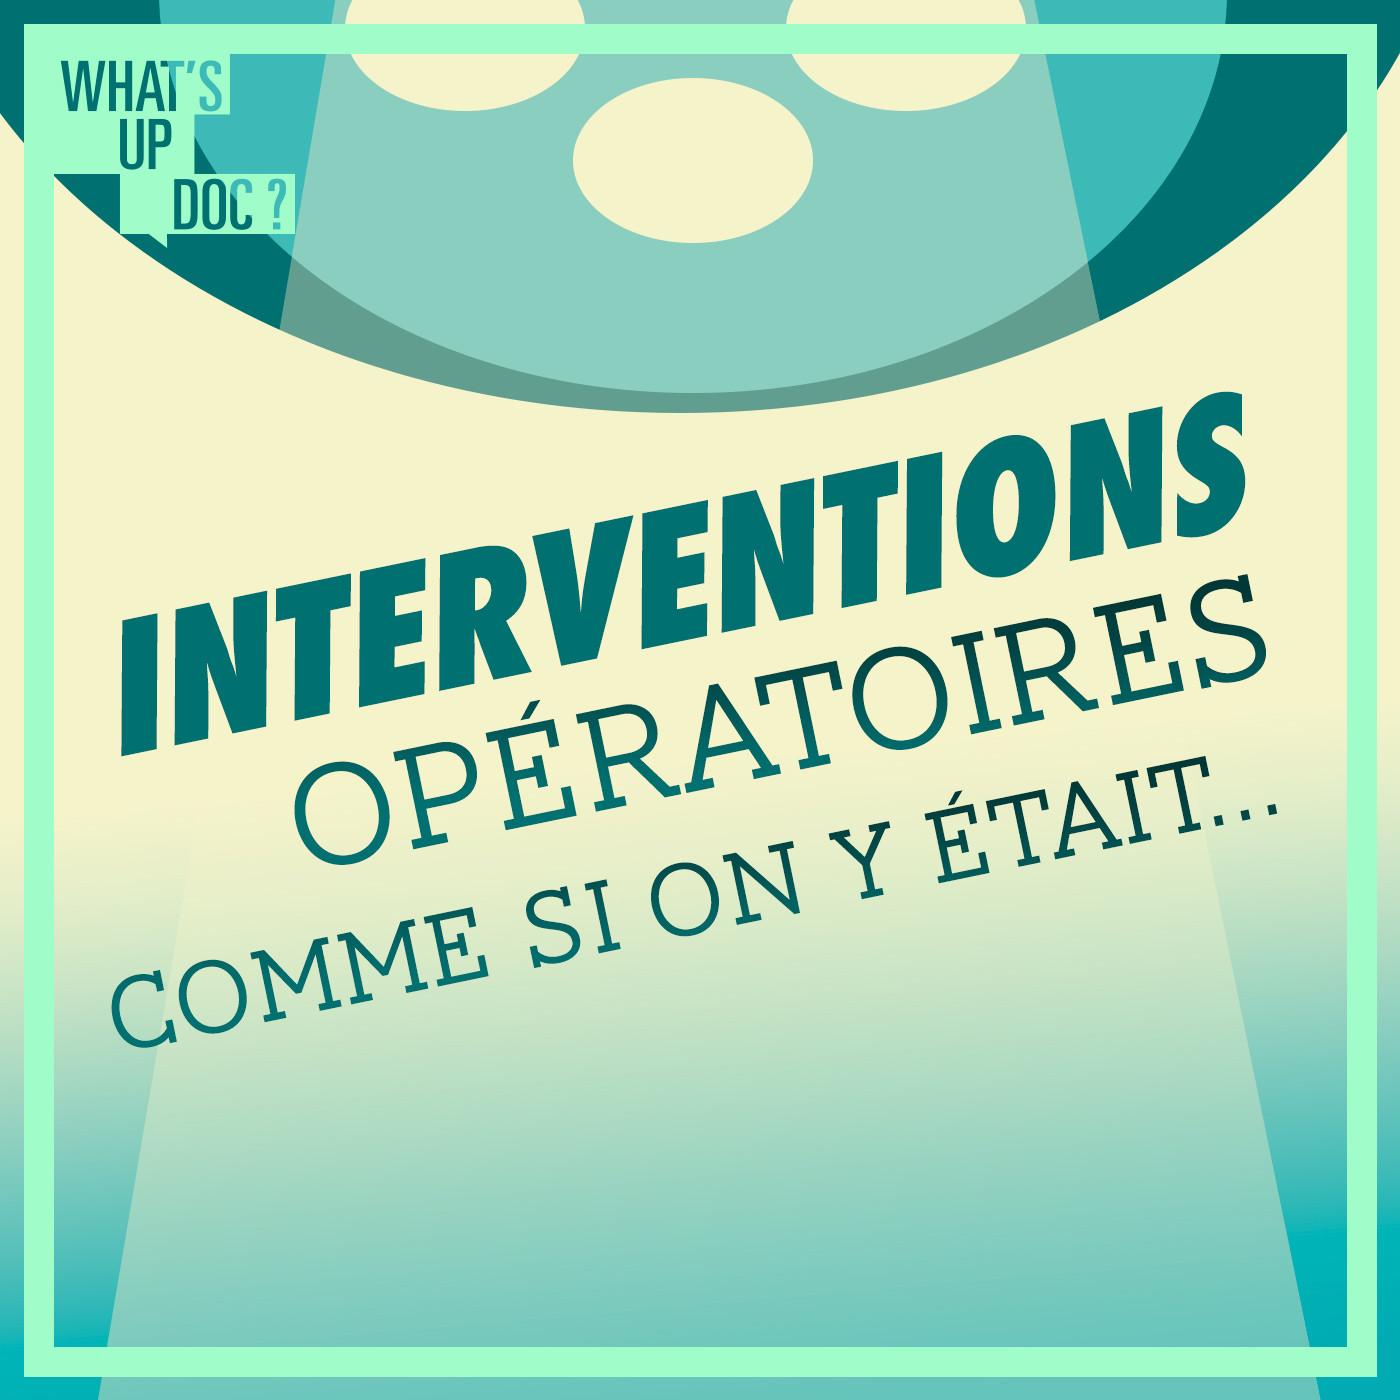 Interventions opératoires : comme si on y était